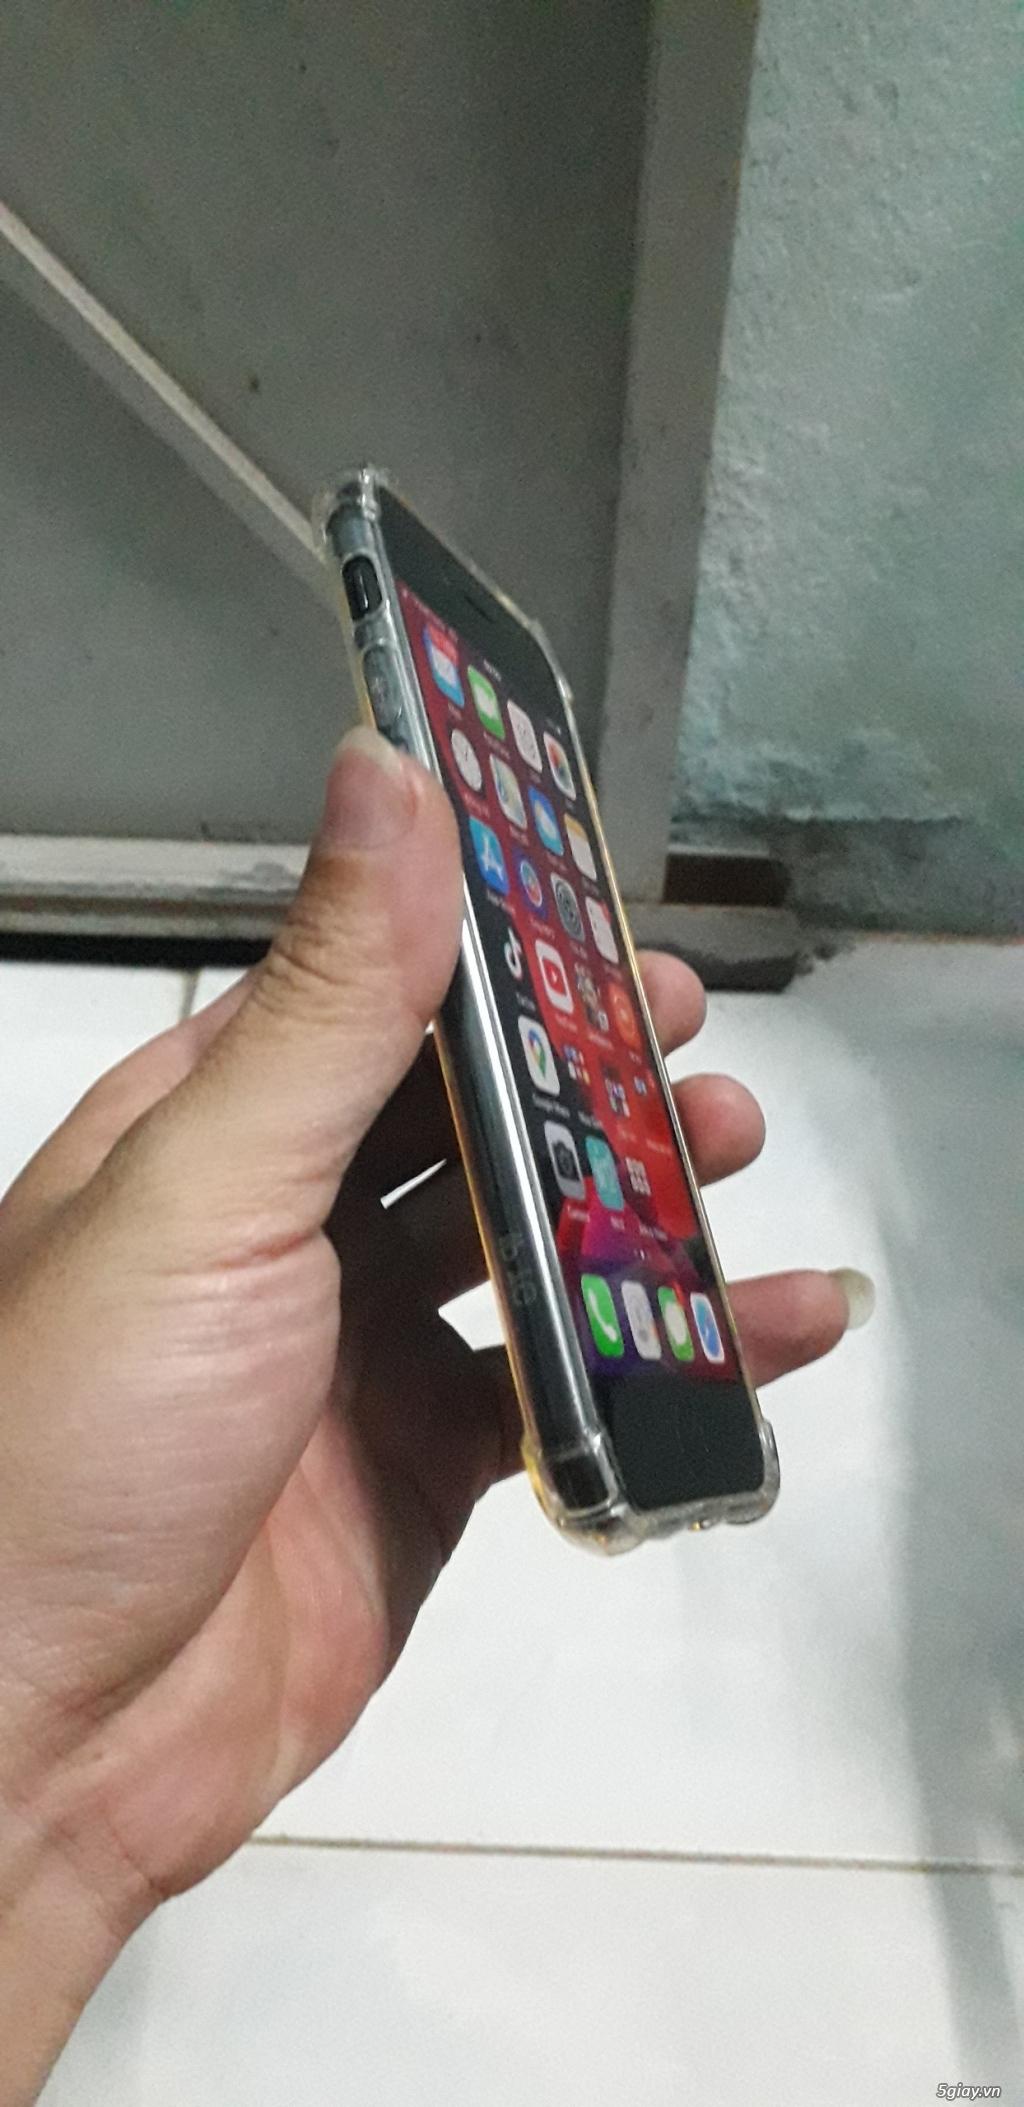 Bán Iphone 7 128G vân tay nhạy máy quốc tế zin - 3